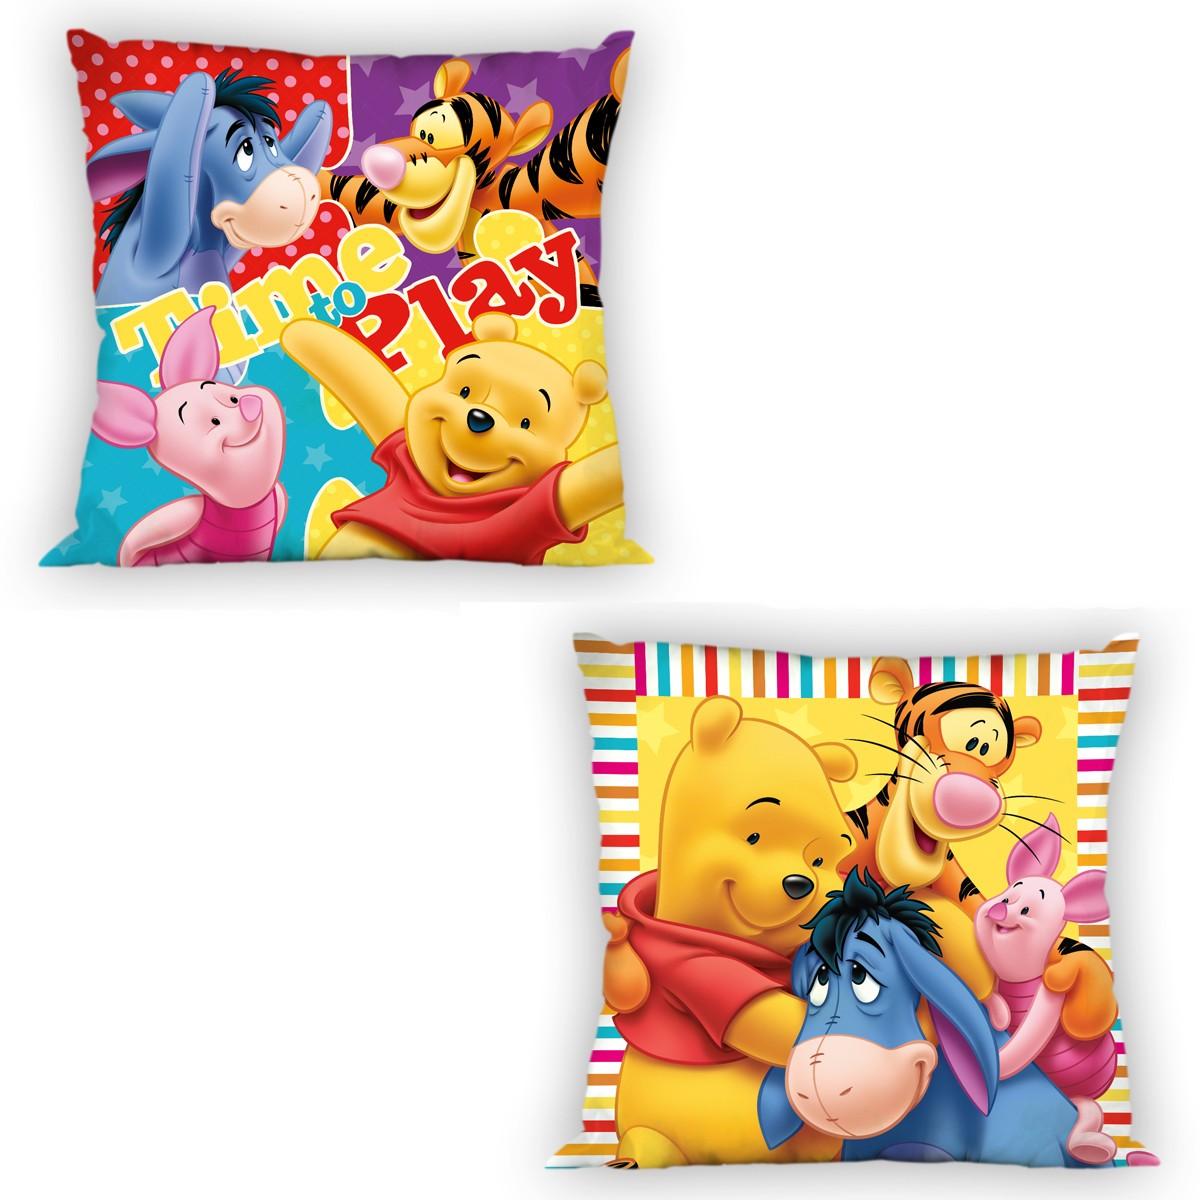 Διακοσμητικό Μαξιλάρι 2 Όψεων Dim Winnie 026 home   παιδικά   διακοσμητικά μαξιλάρια παιδικά